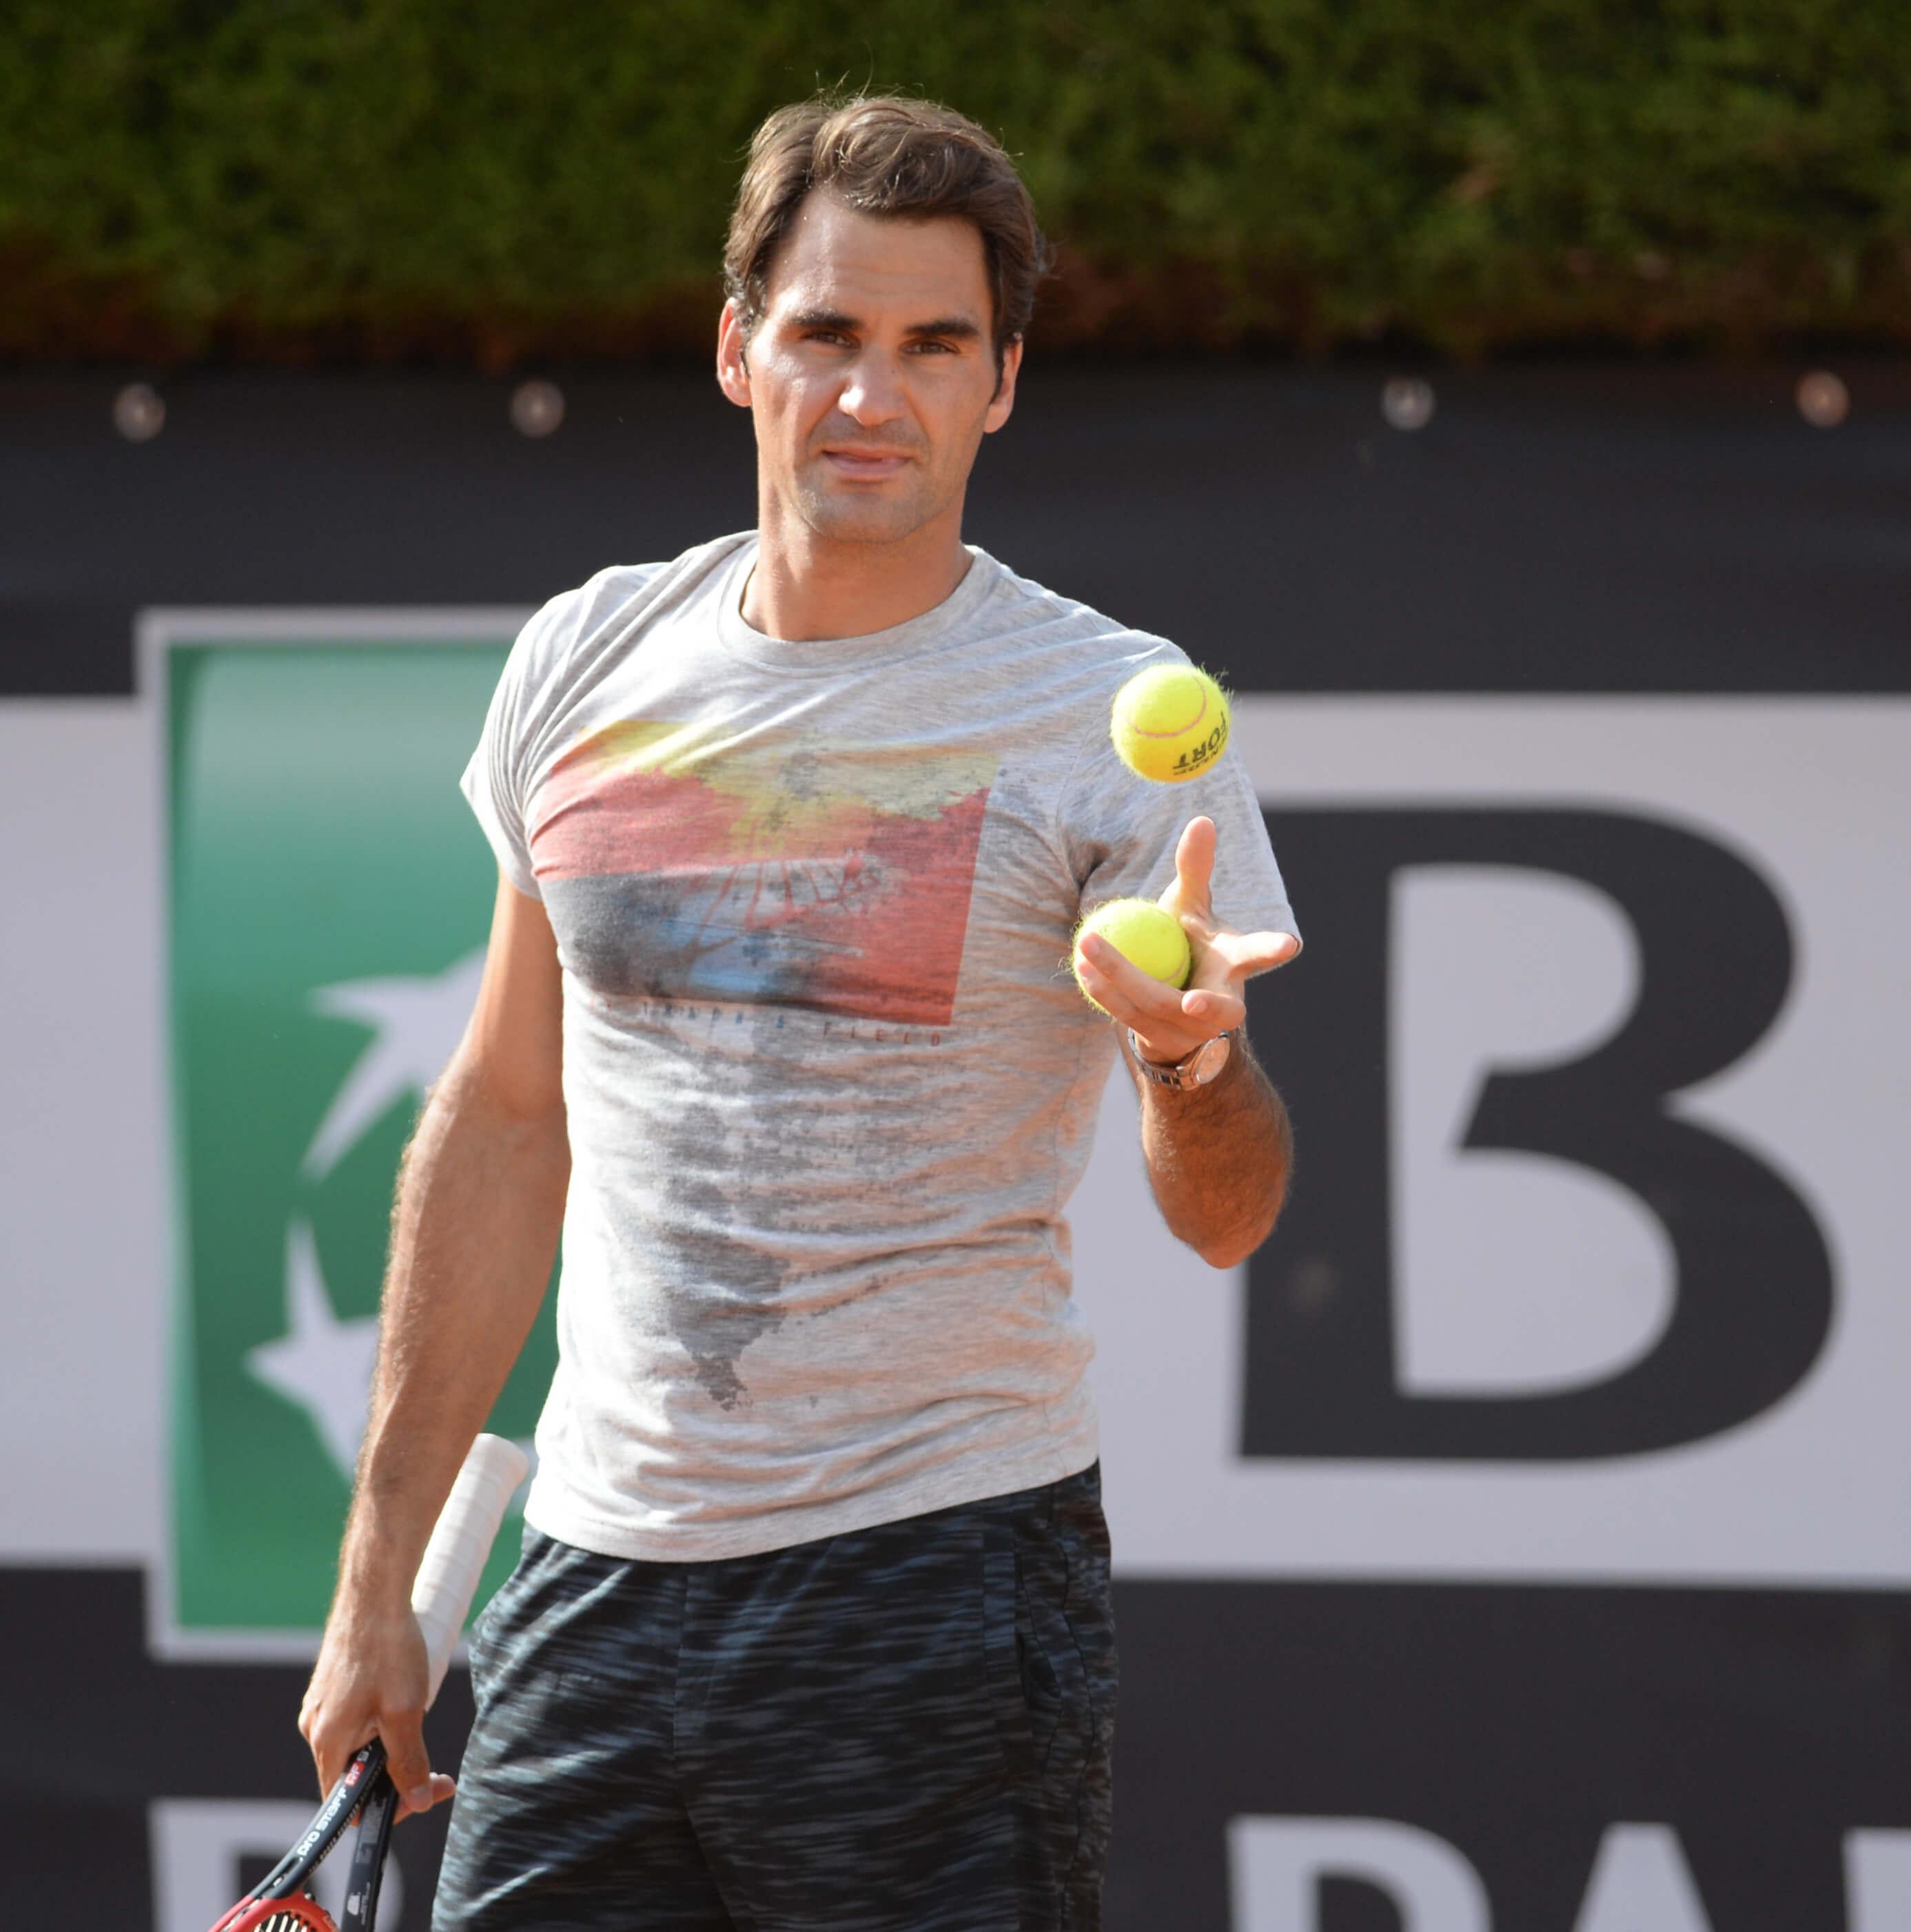 Aufschlag Roger Federer! Die Swissmint ehrt das Tennis Ass